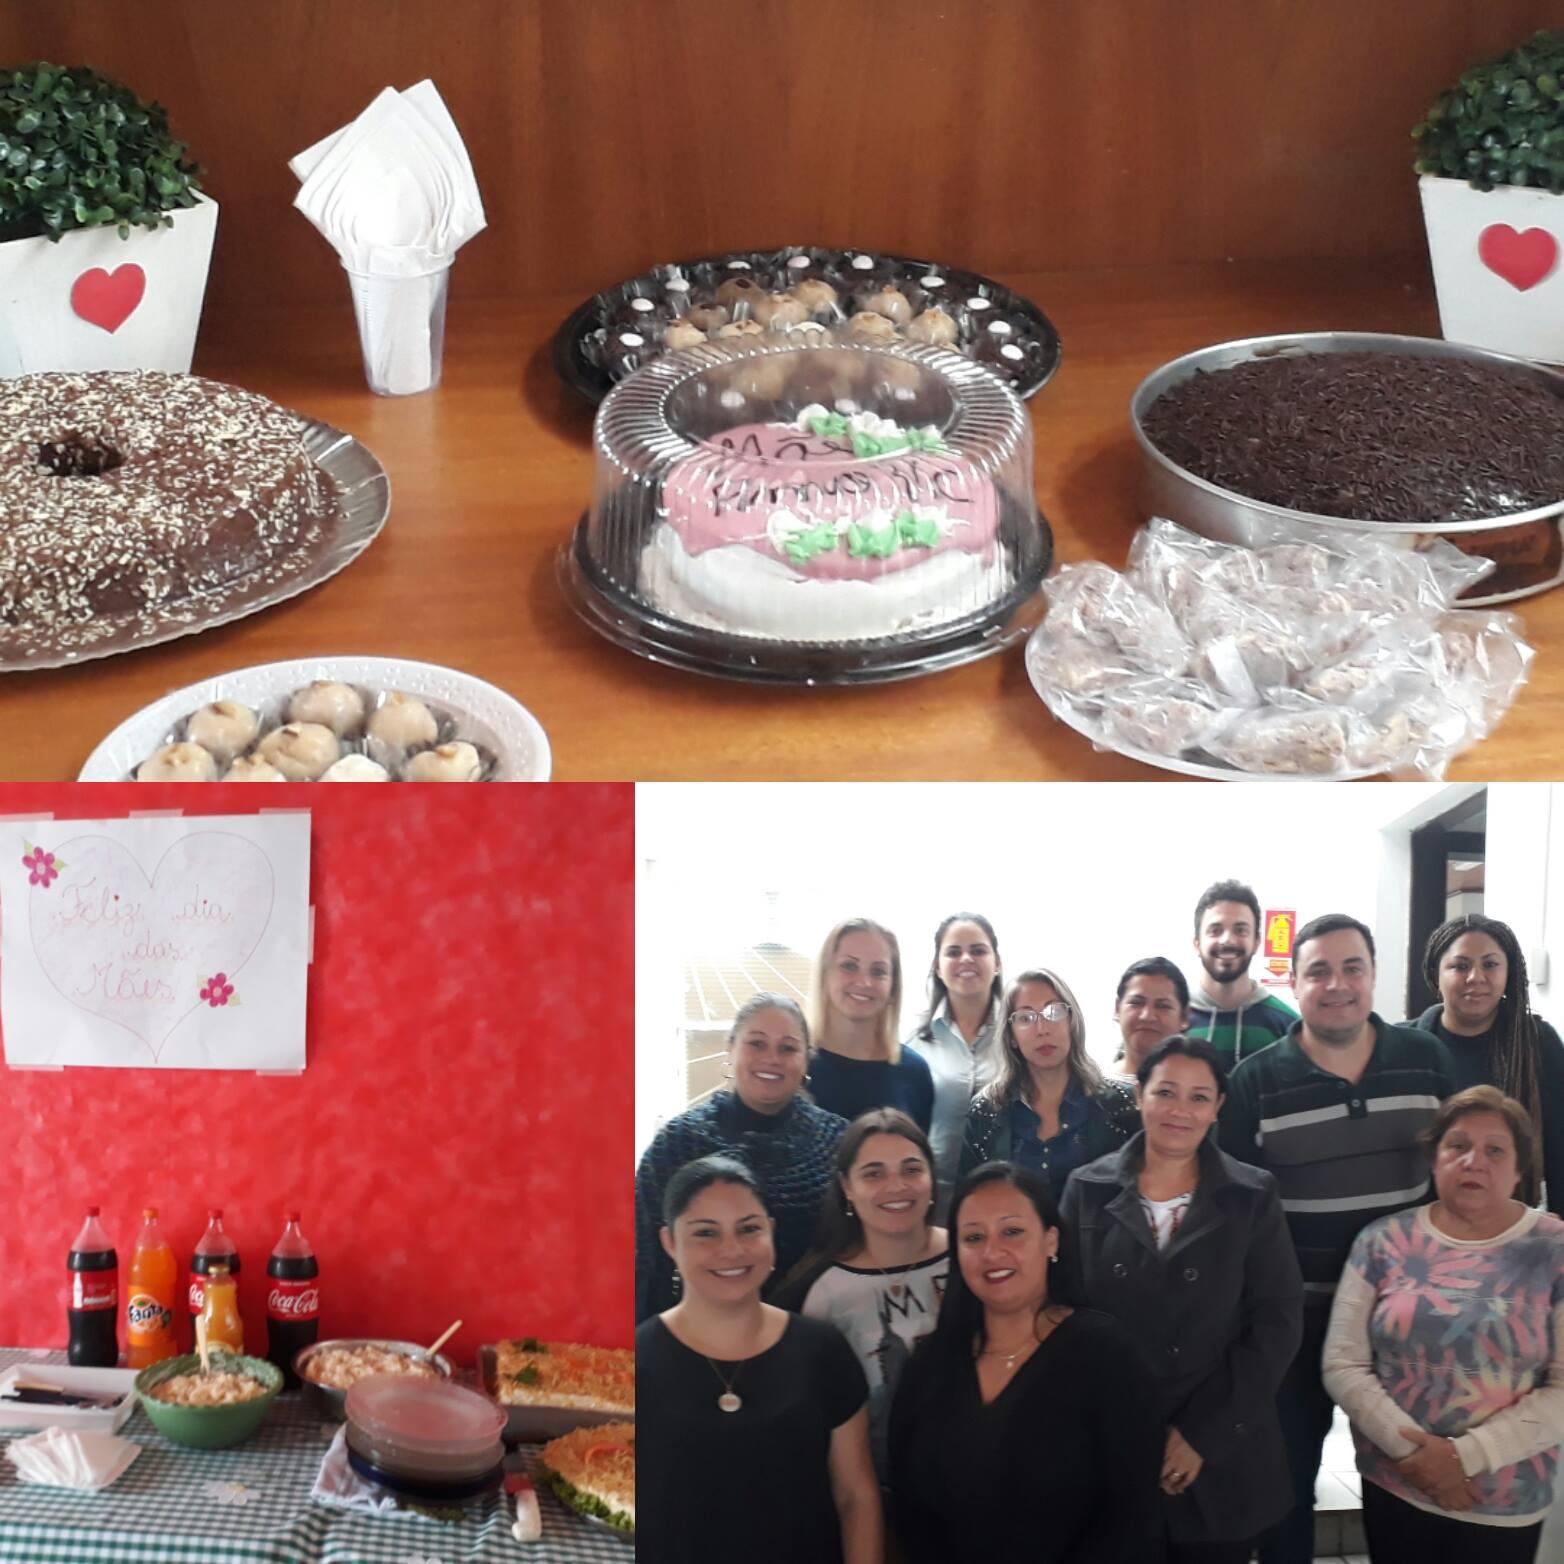 Almoço e mensagem de comemoração foram elaborados pelas próprias funcionárias do local